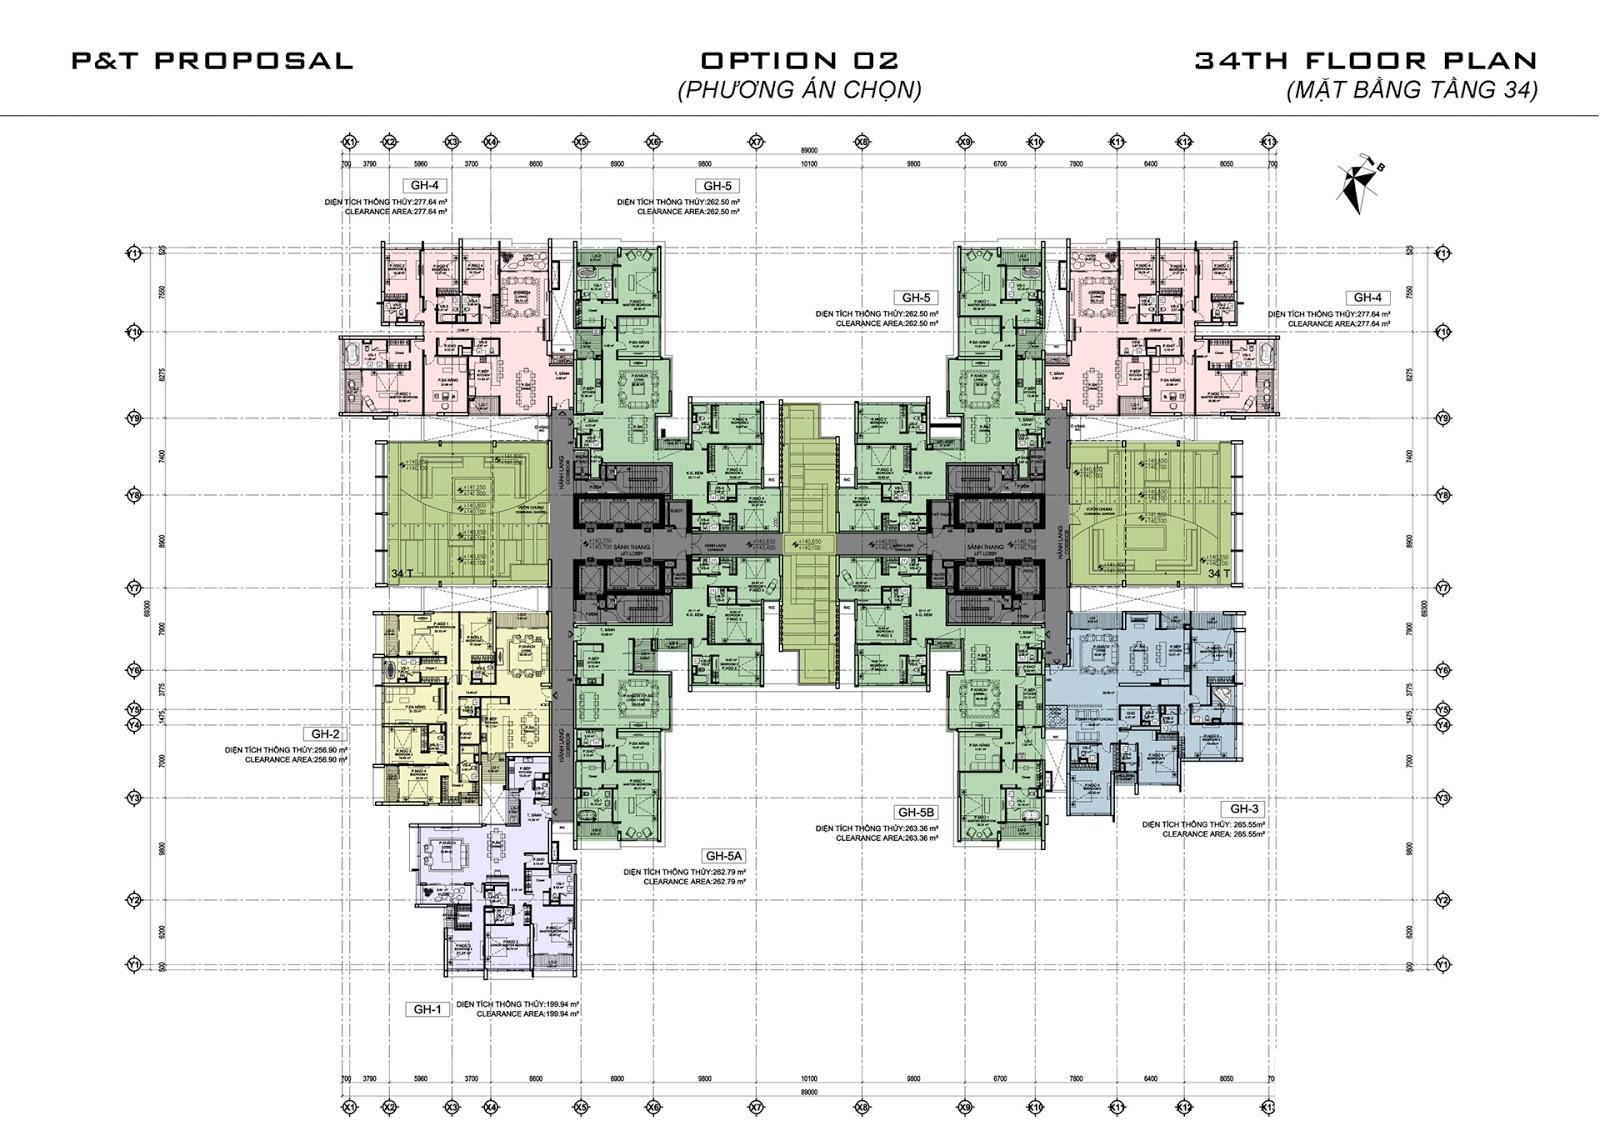 Mặt bàng tầng 34 dự án Oriental Garden